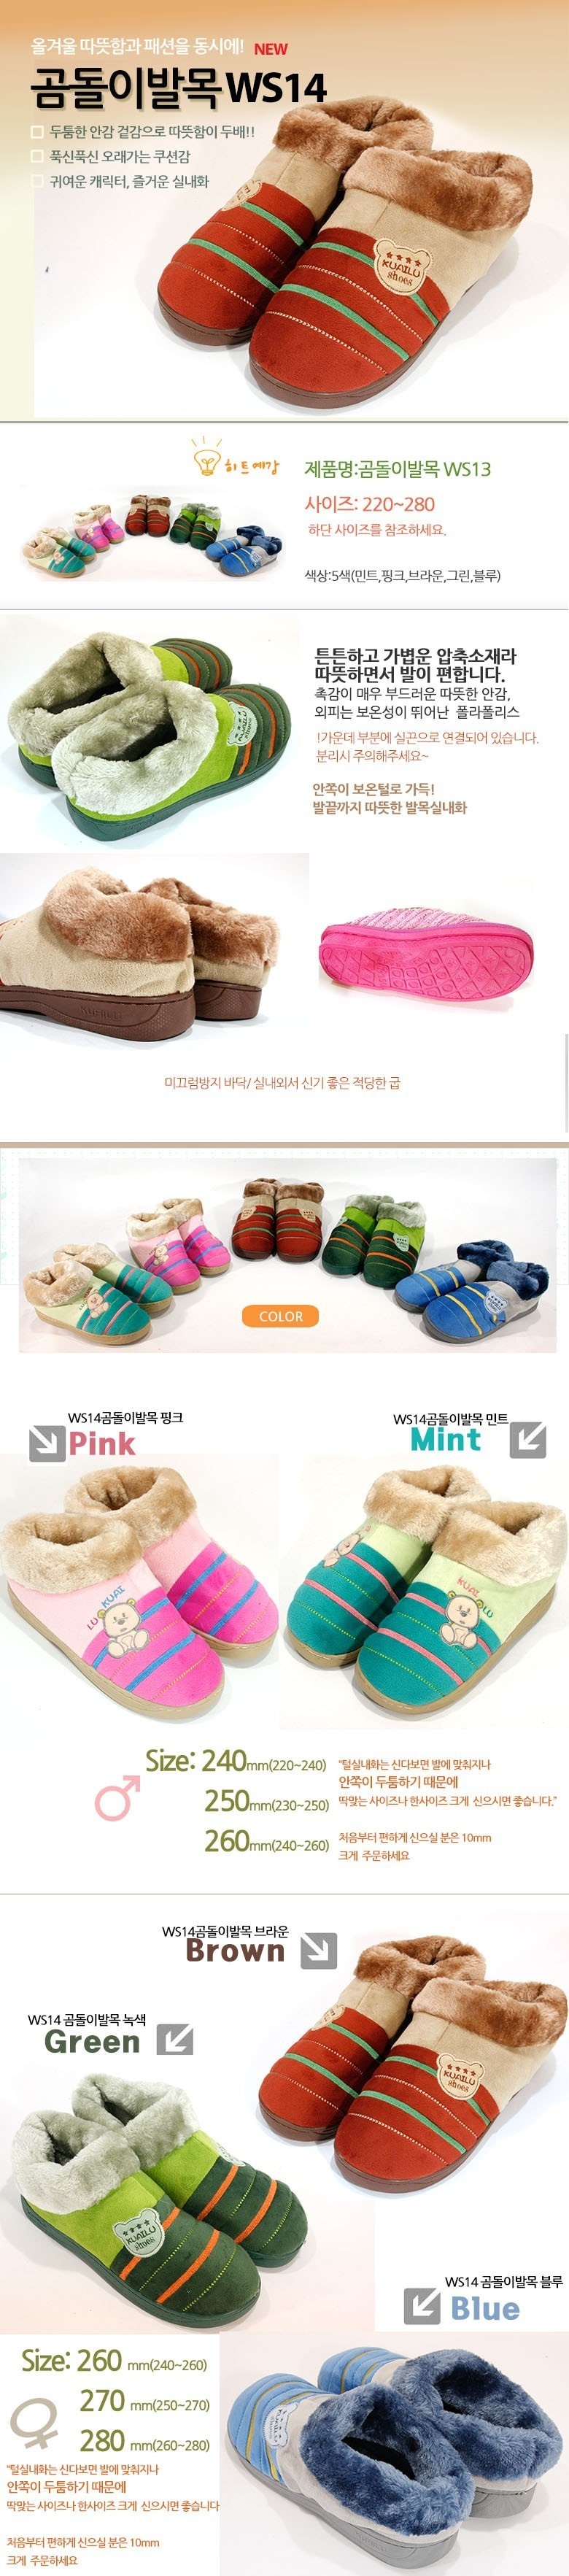 급 처분 합니다...  (고 퀄러티) 따뜻한 야무진 신발형 슬리퍼 3900원